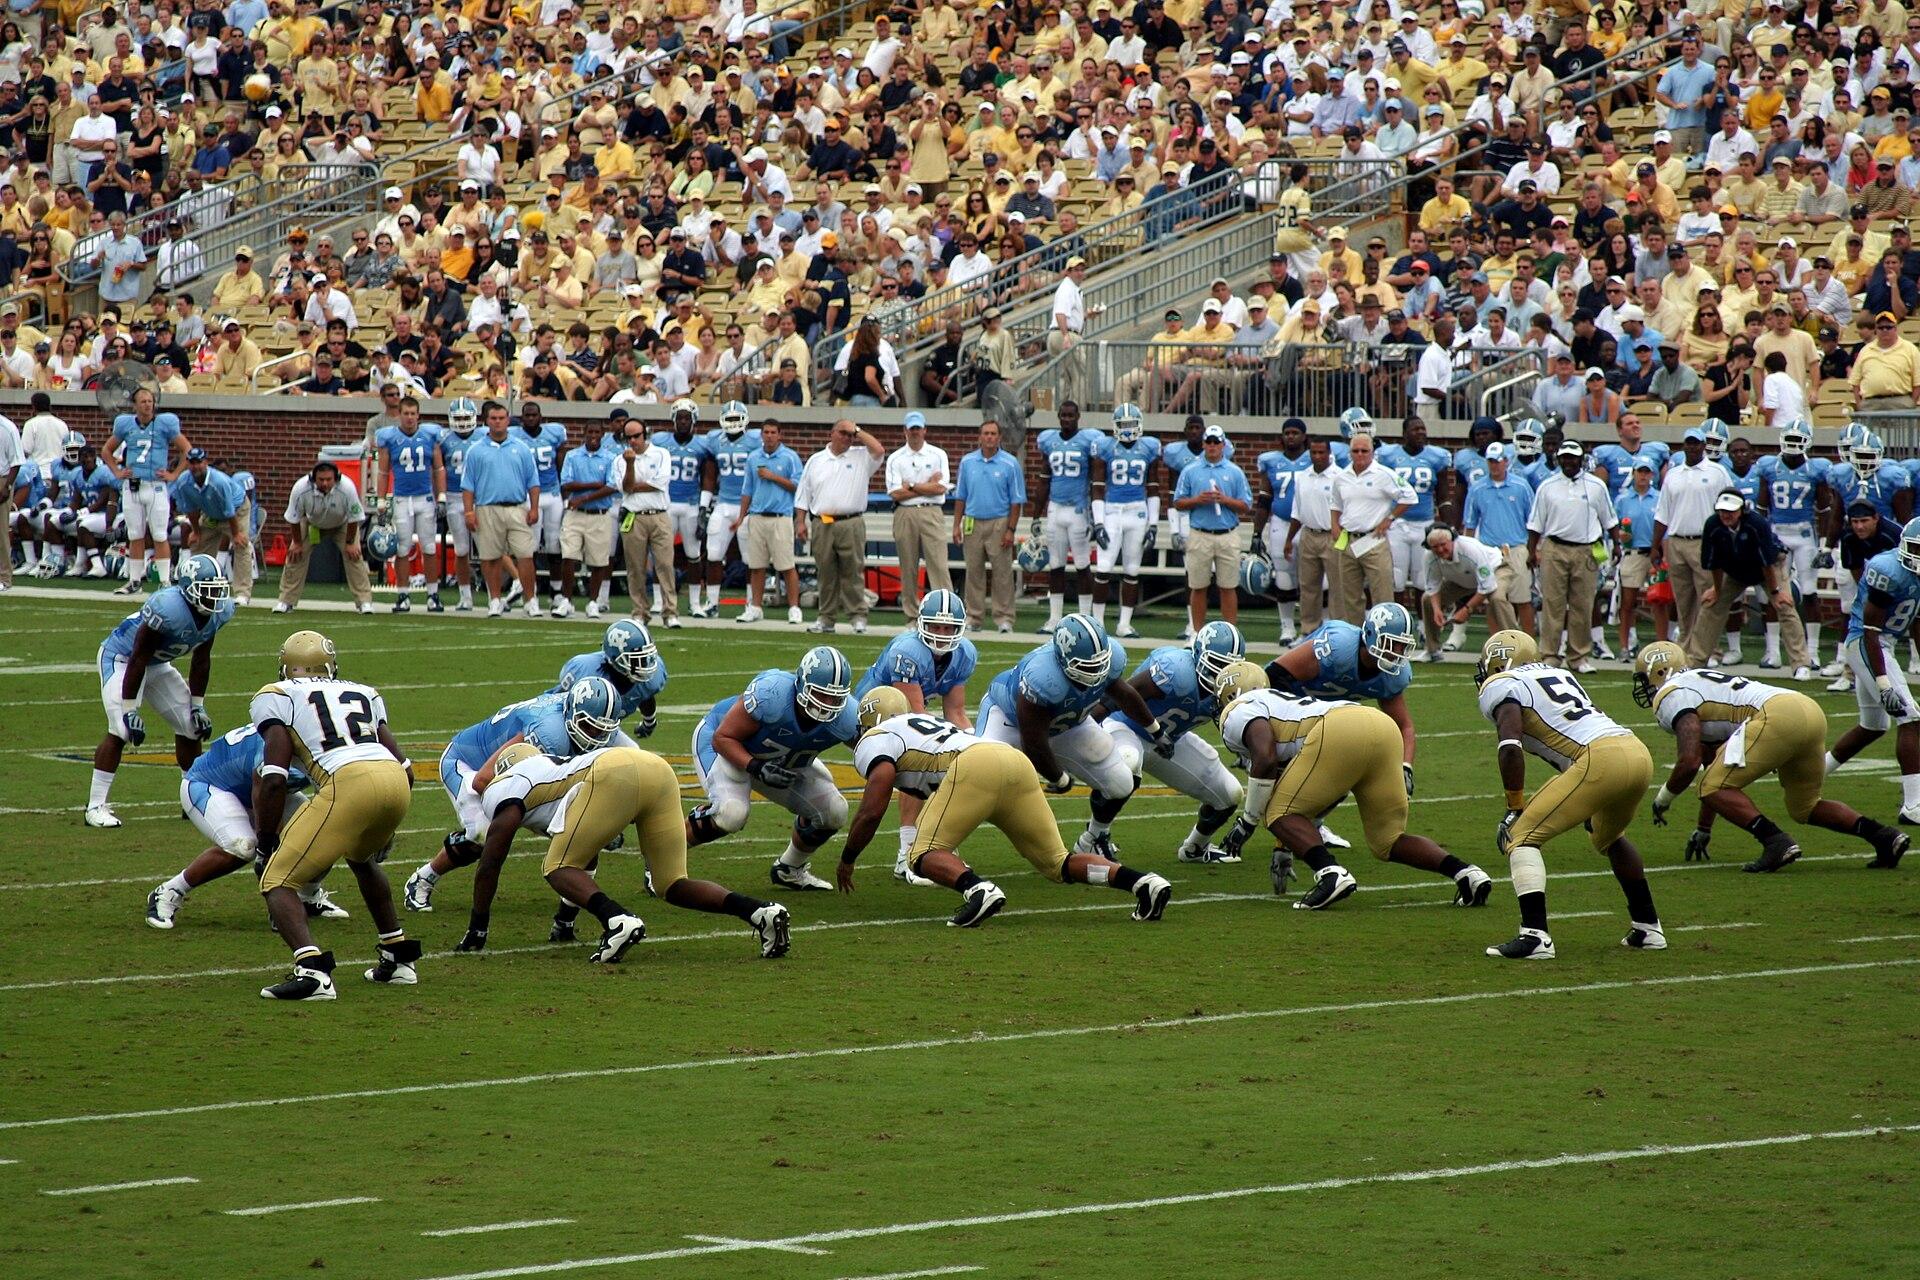 2009 North Carolina Tar Heels football team - WikipediaNorth Carolina Football Roster